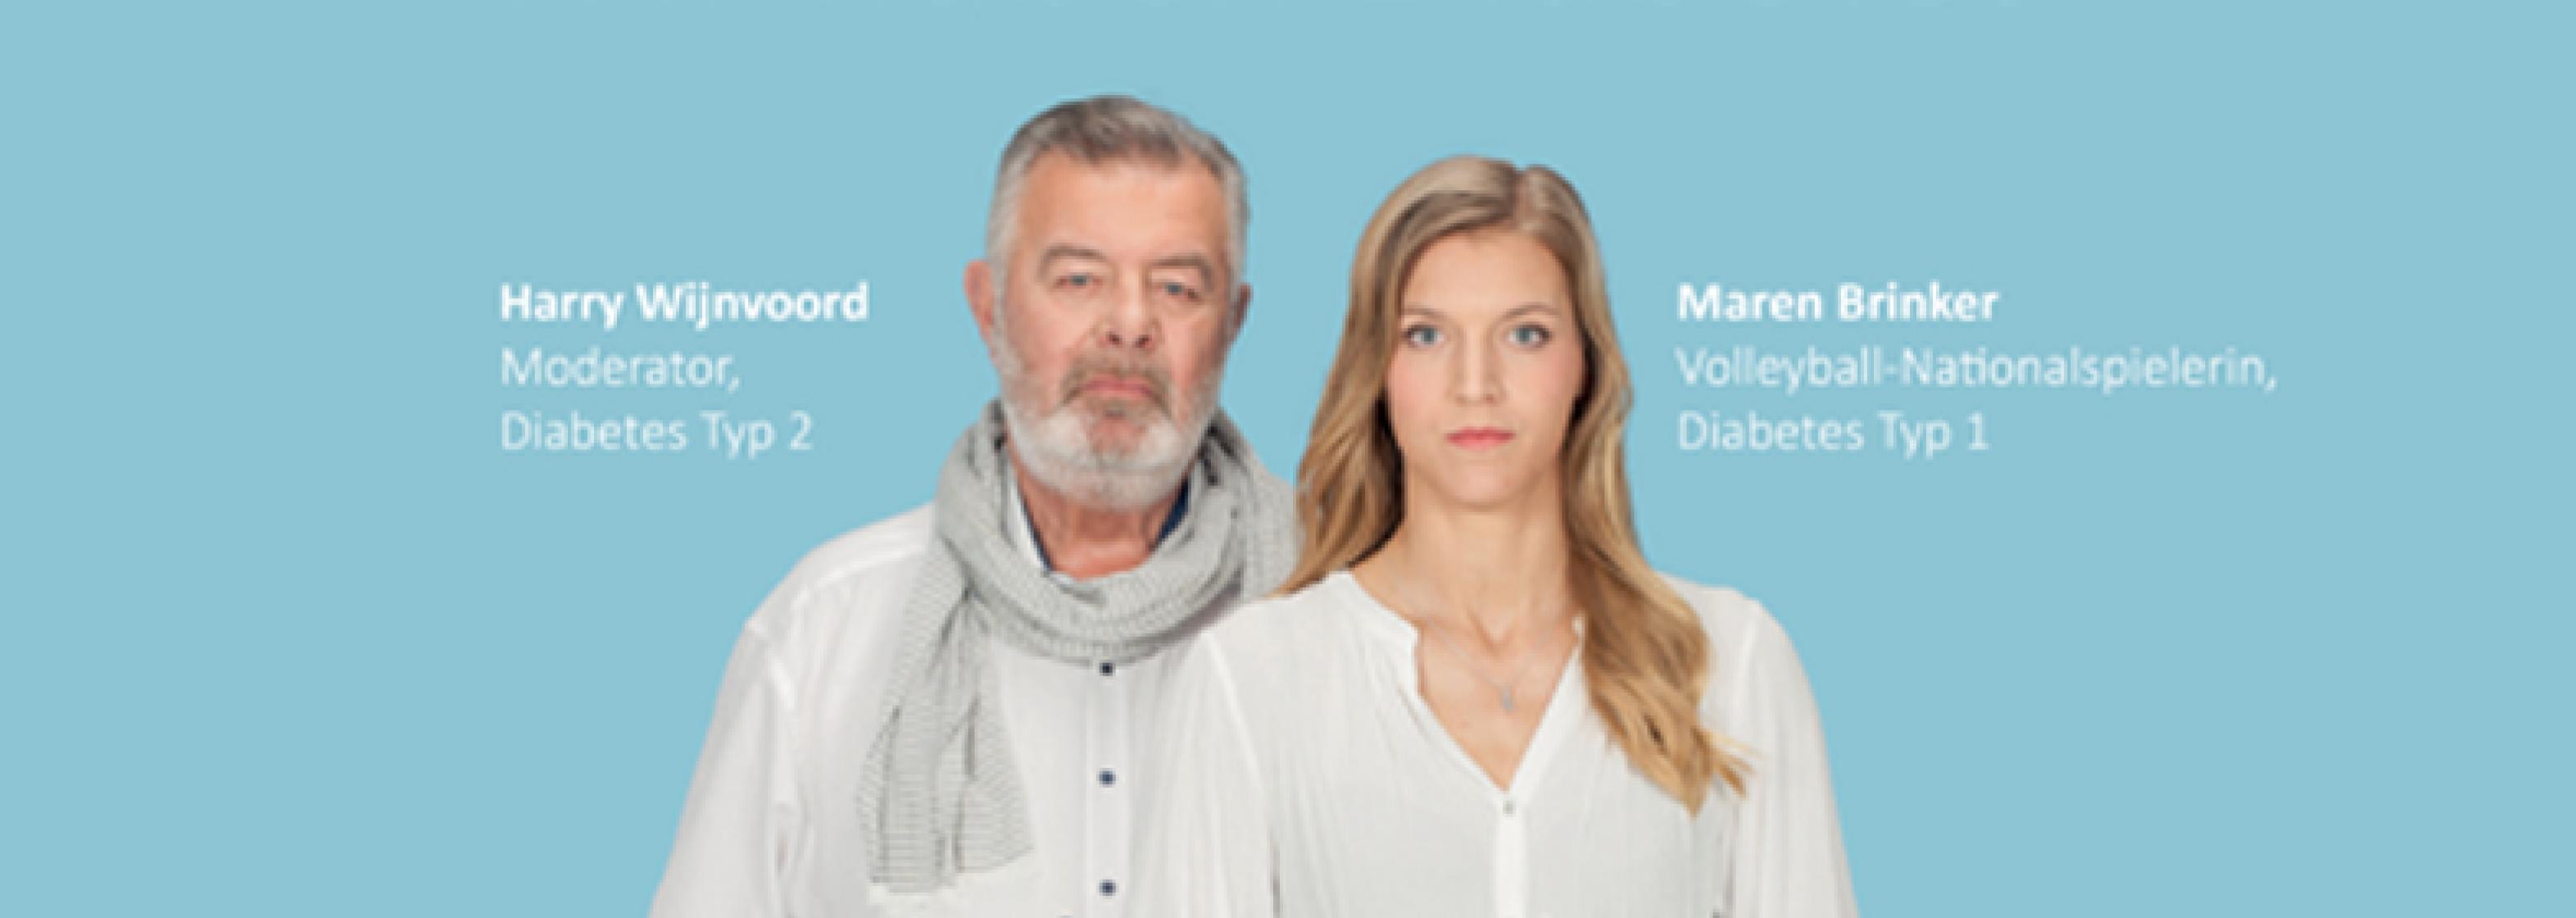 Wijnvoord Brinker Kampagne 2017